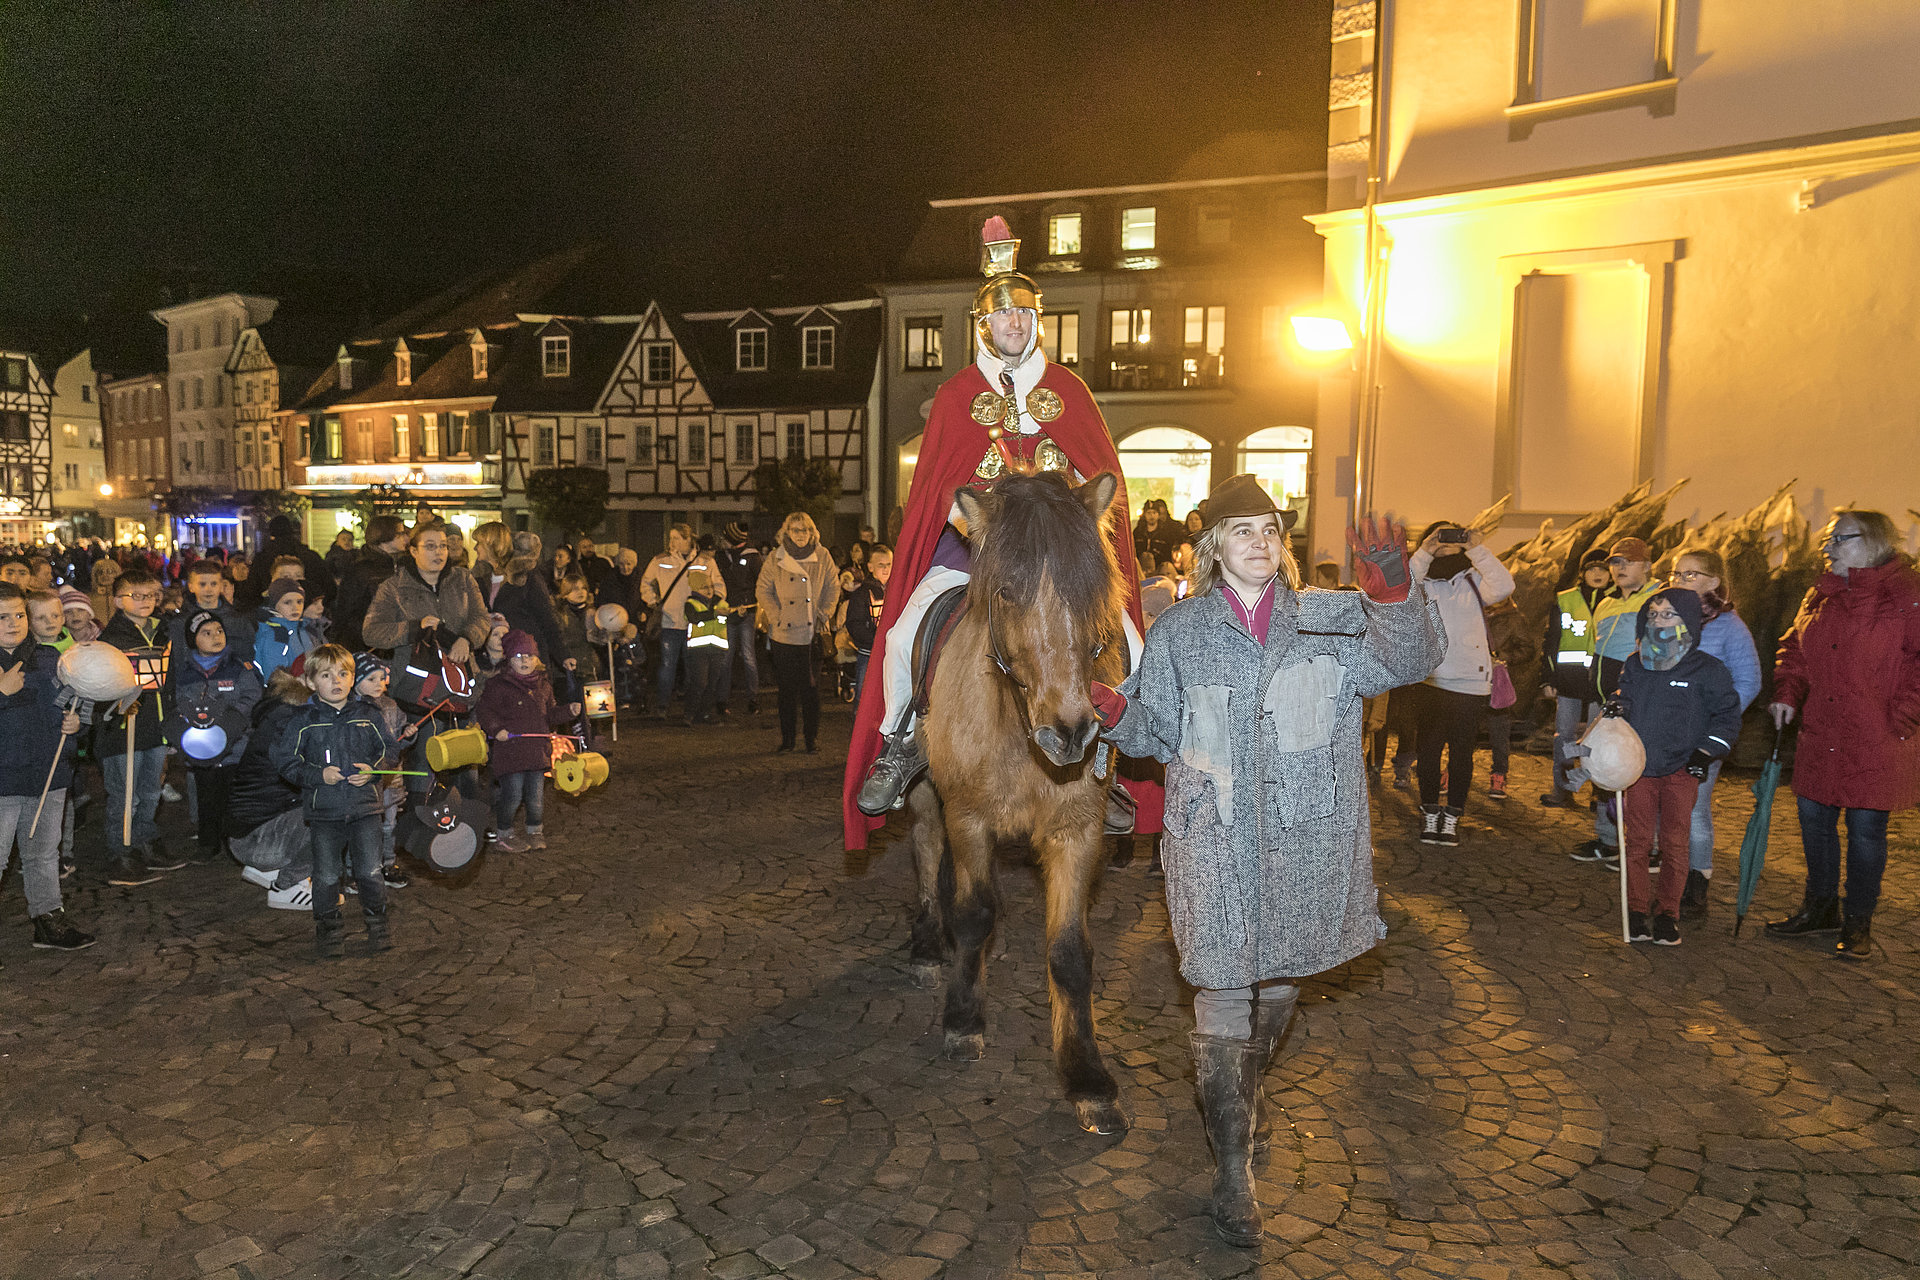 St. Martin auf seinem Pferd umgeben von Kindern